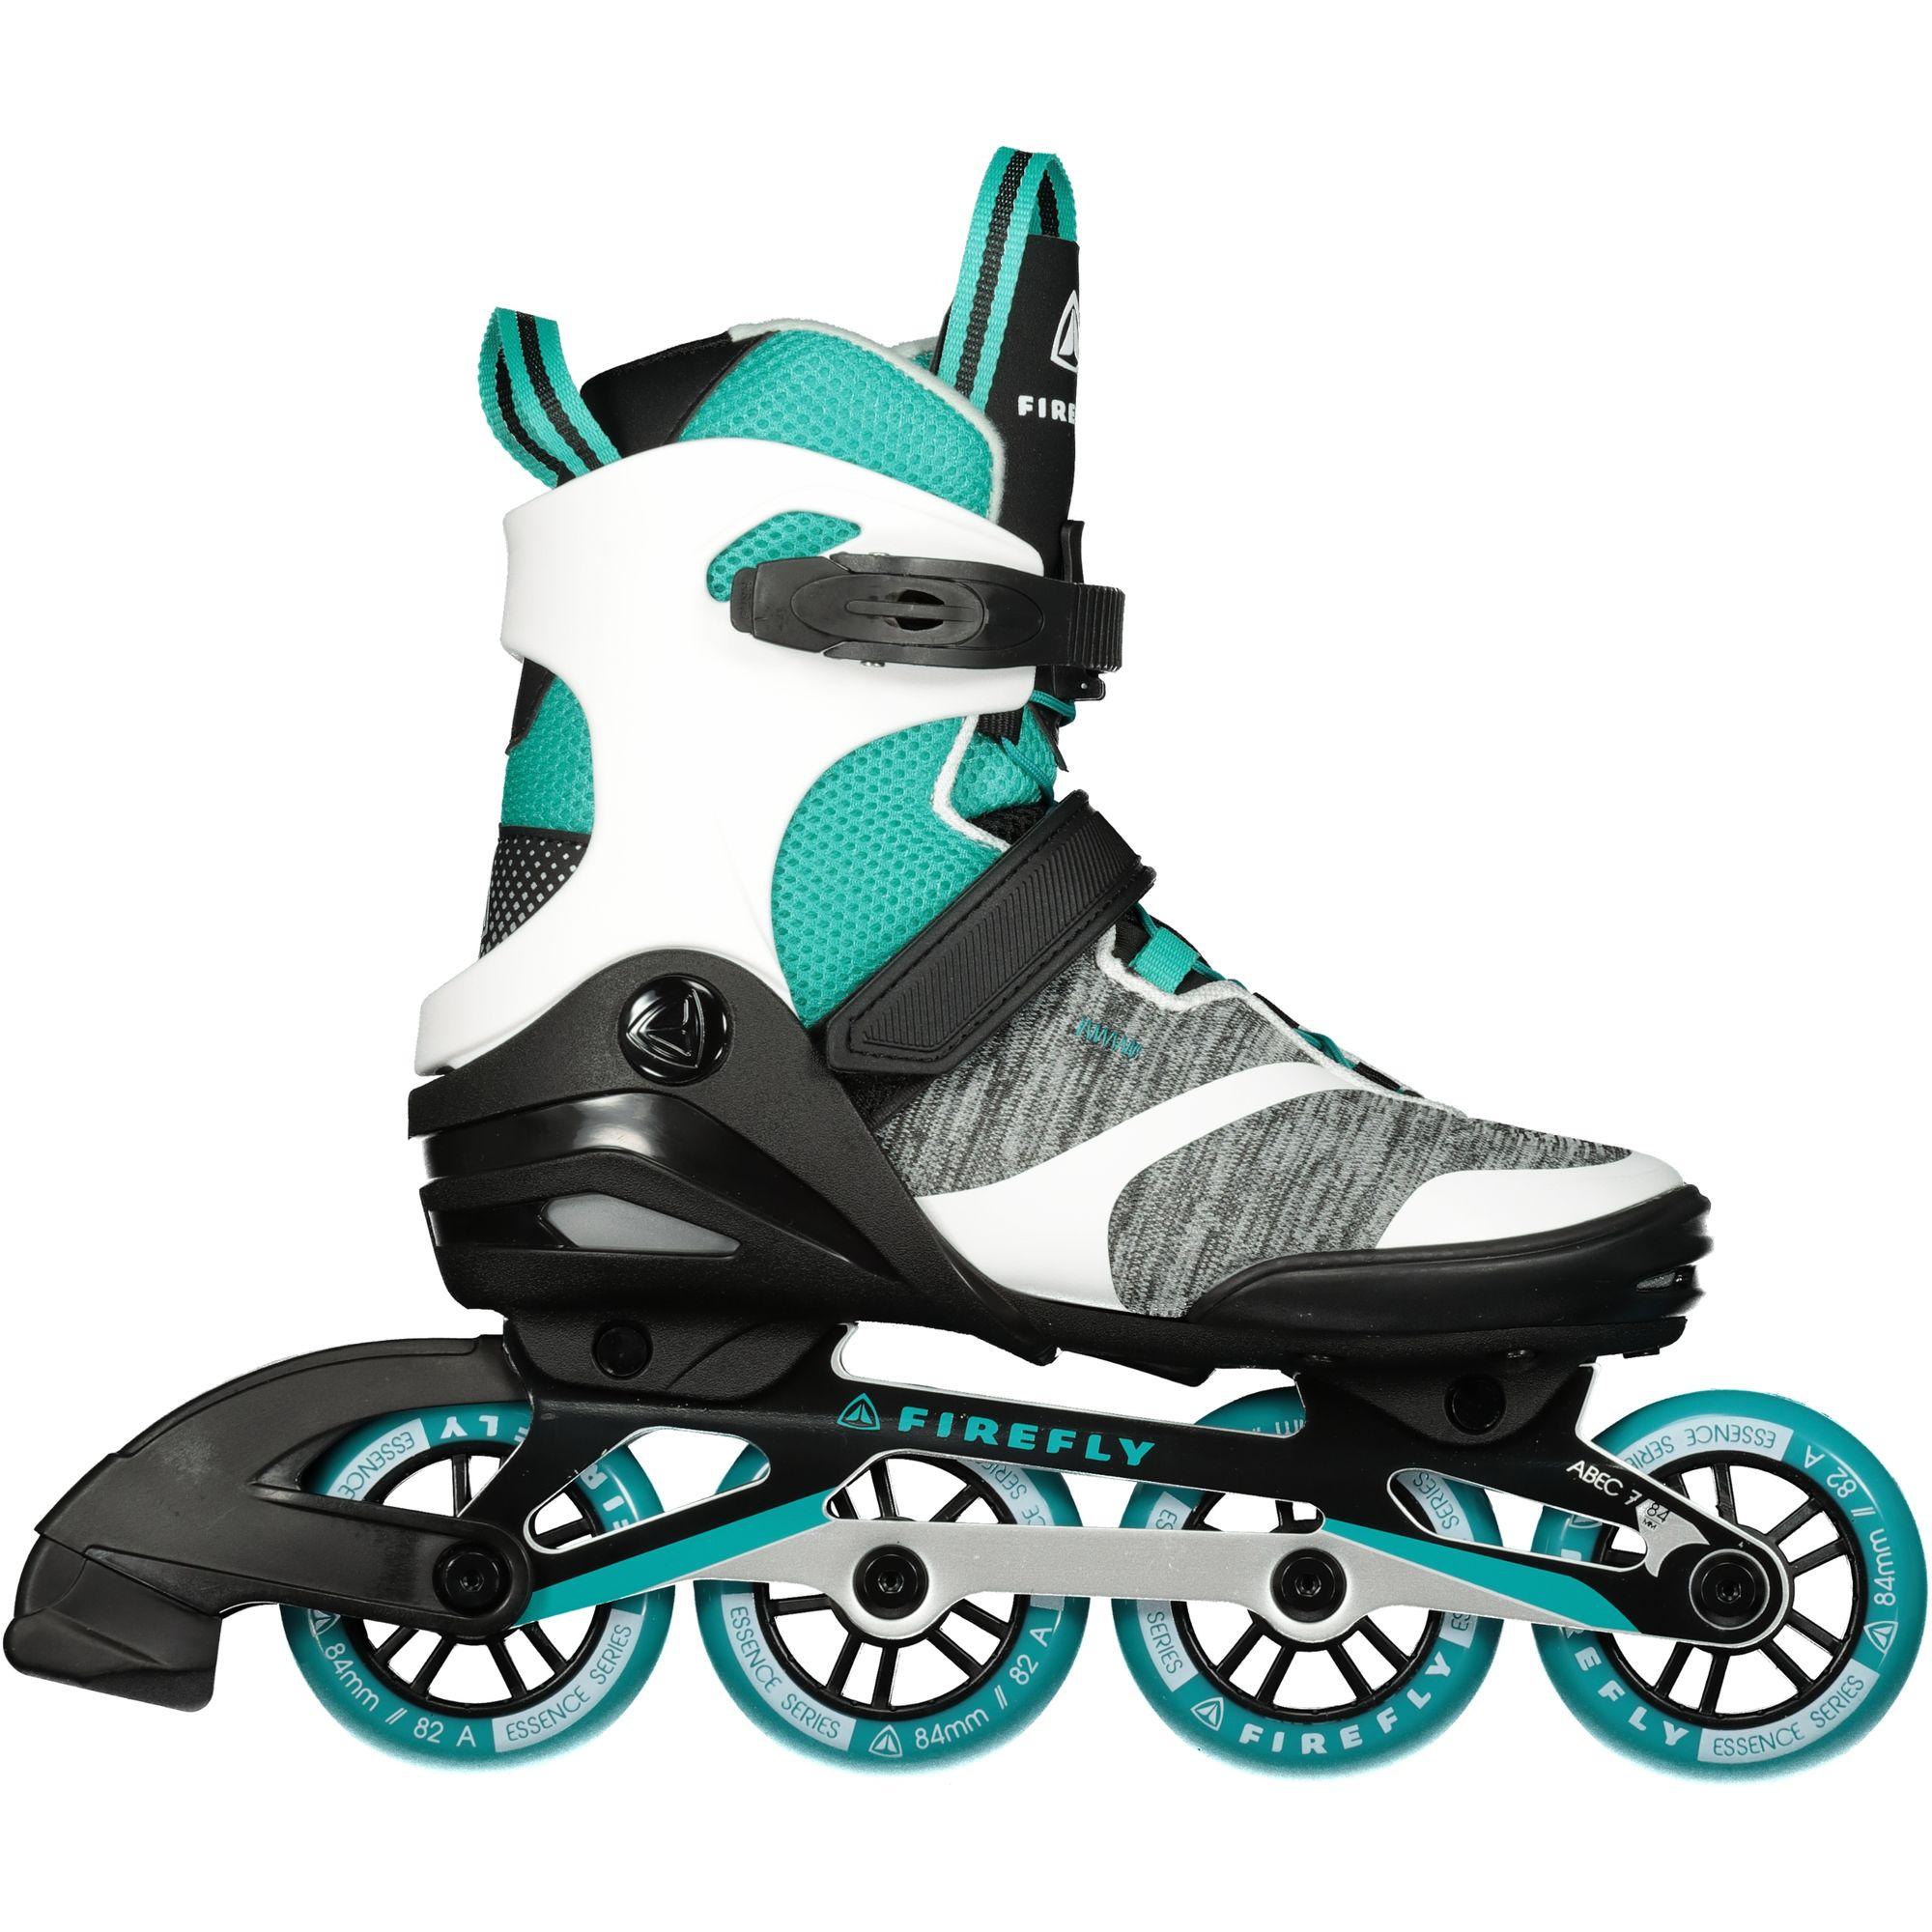 Firefly ILS 310 W84 Damen Inline Skates Inliner white/blue Inlineskating